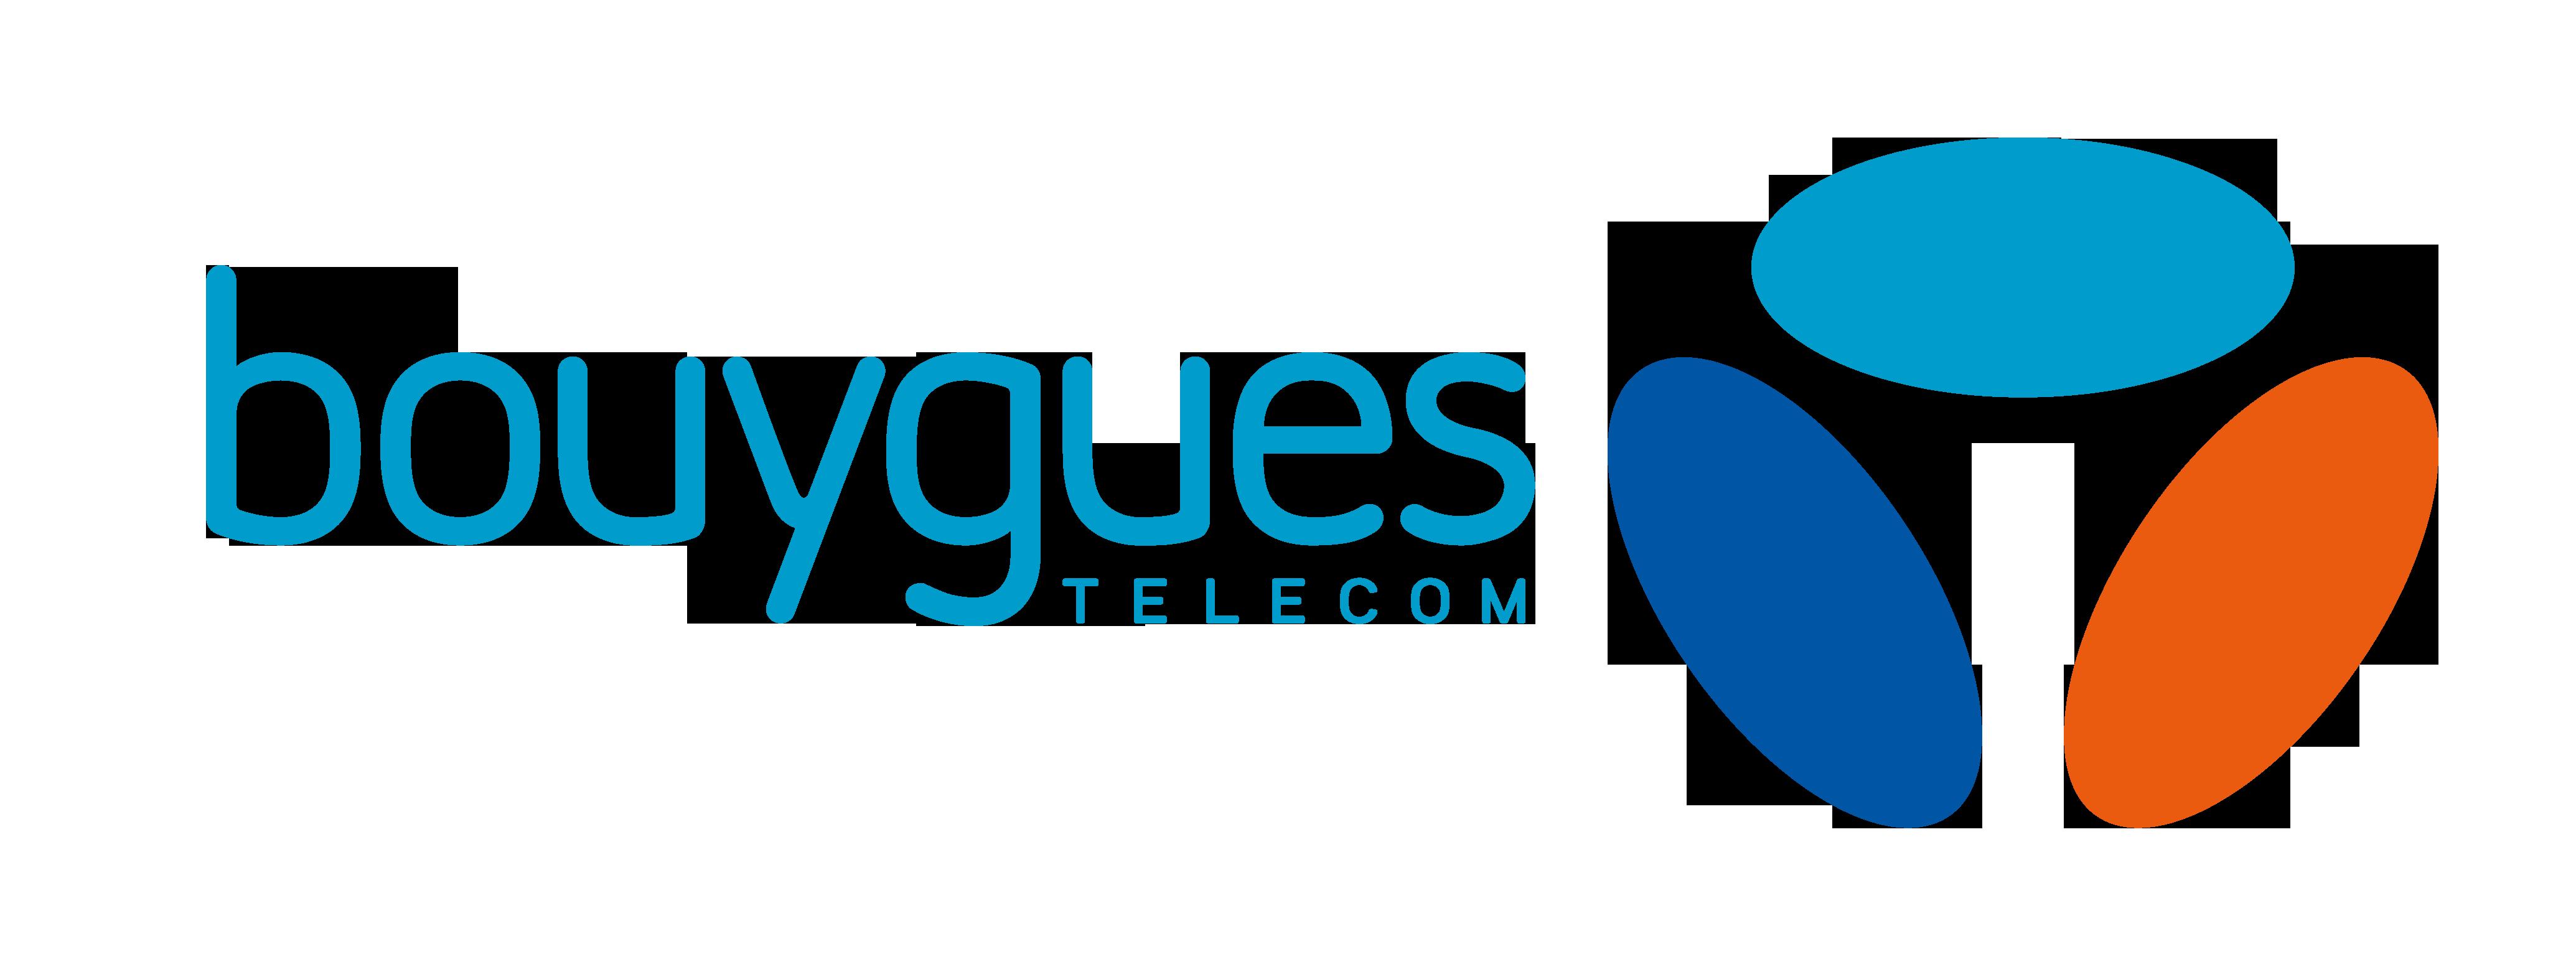 Pourquoi, en tant que photographe, je vais résilier Bouygues Télécom ?